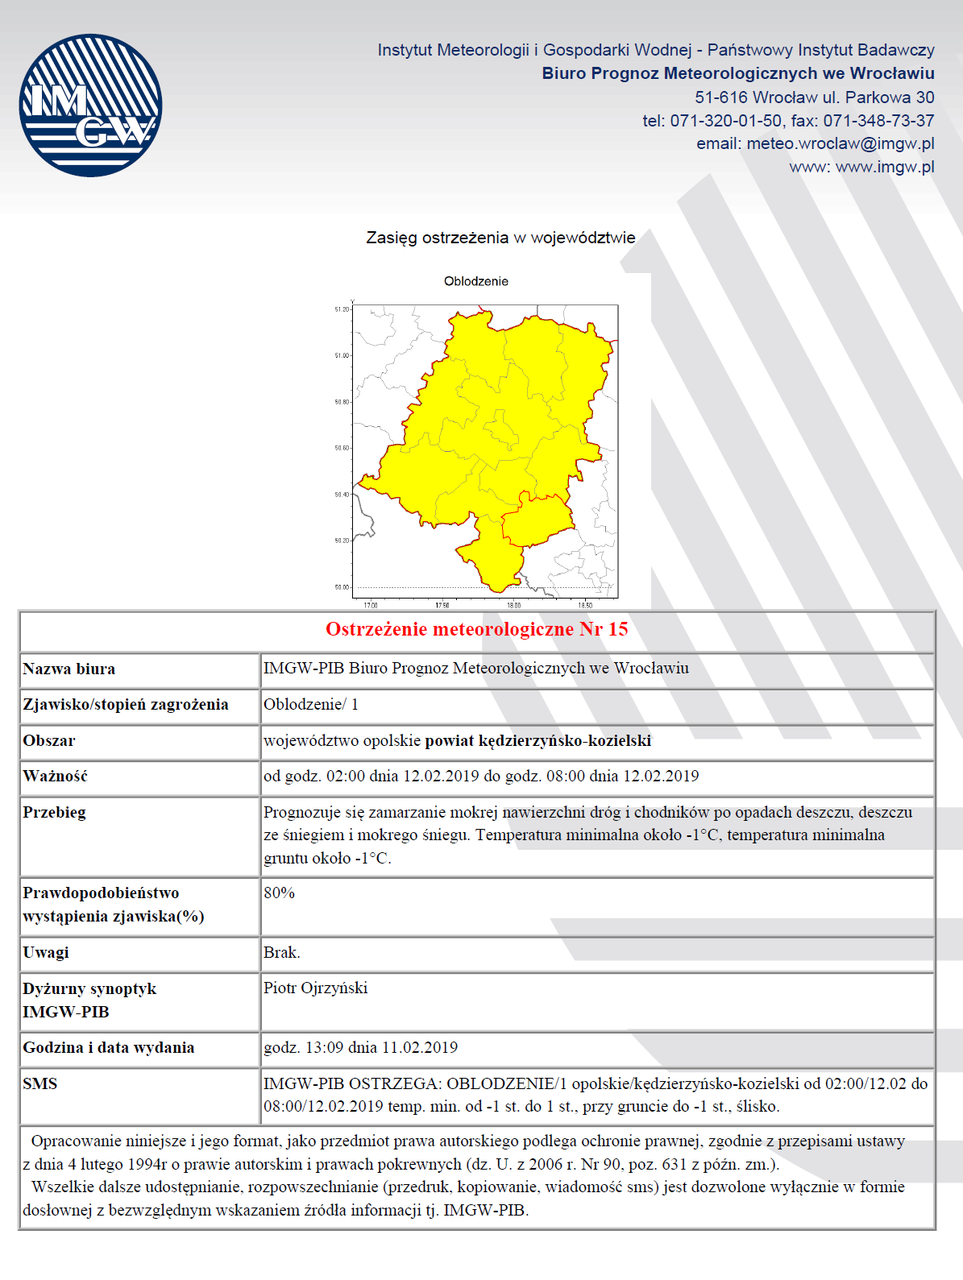 Ostrzeżenie meteorologiczne nr 15 z 11.02.2019.png